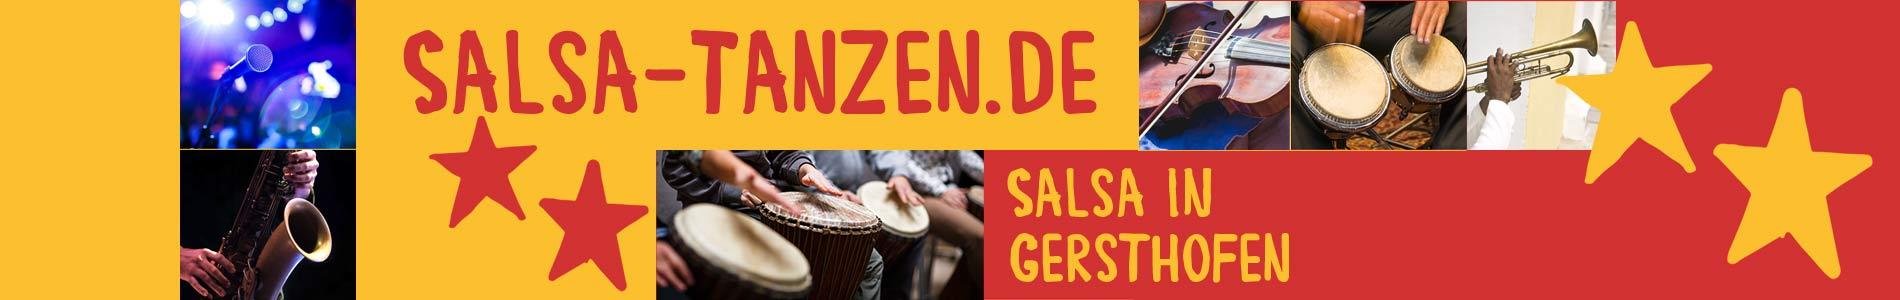 Salsa in Gersthofen – Salsa lernen und tanzen, Tanzkurse, Partys, Veranstaltungen